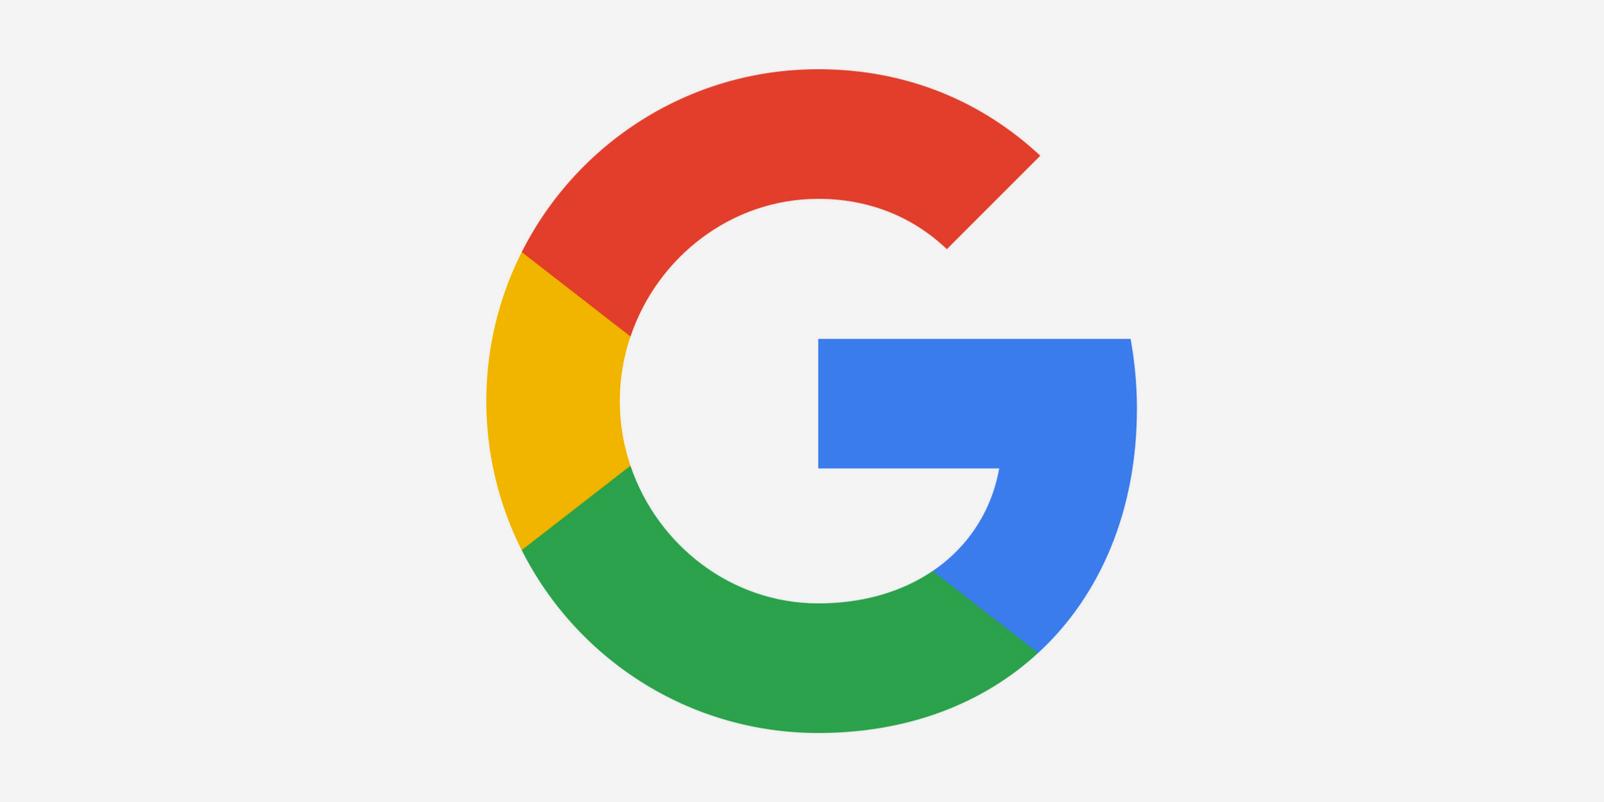 google logo Google travaille sur un clavier iOS depuis des mois